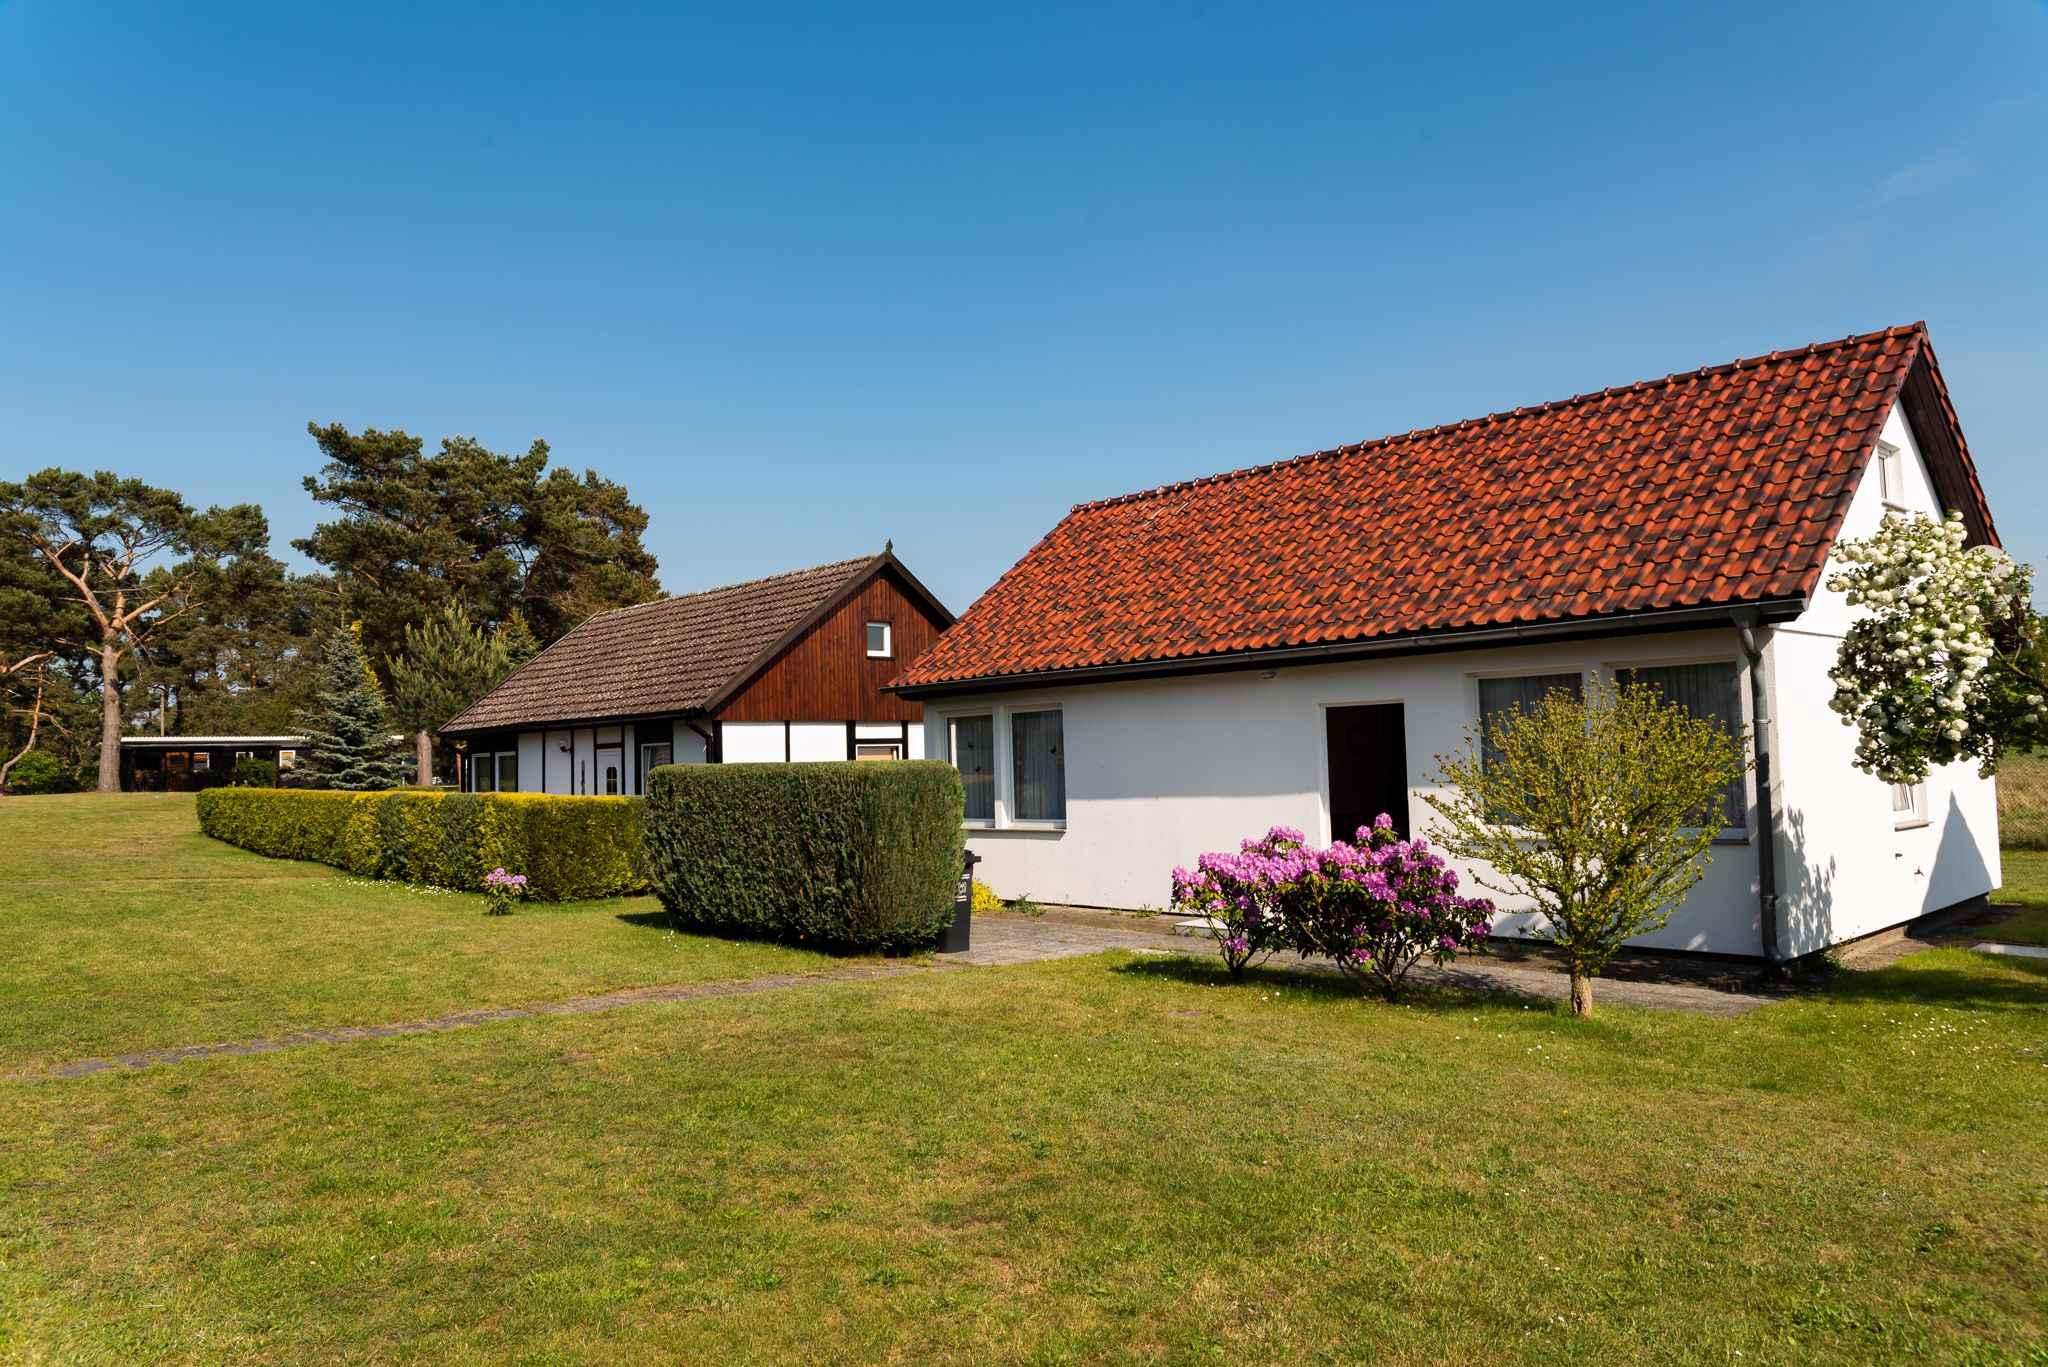 Ferienhaus Bungalow mit Terrasse und Garten (356736), Fuhlendorf, Ostseeküste Mecklenburg-Vorpommern, Mecklenburg-Vorpommern, Deutschland, Bild 17